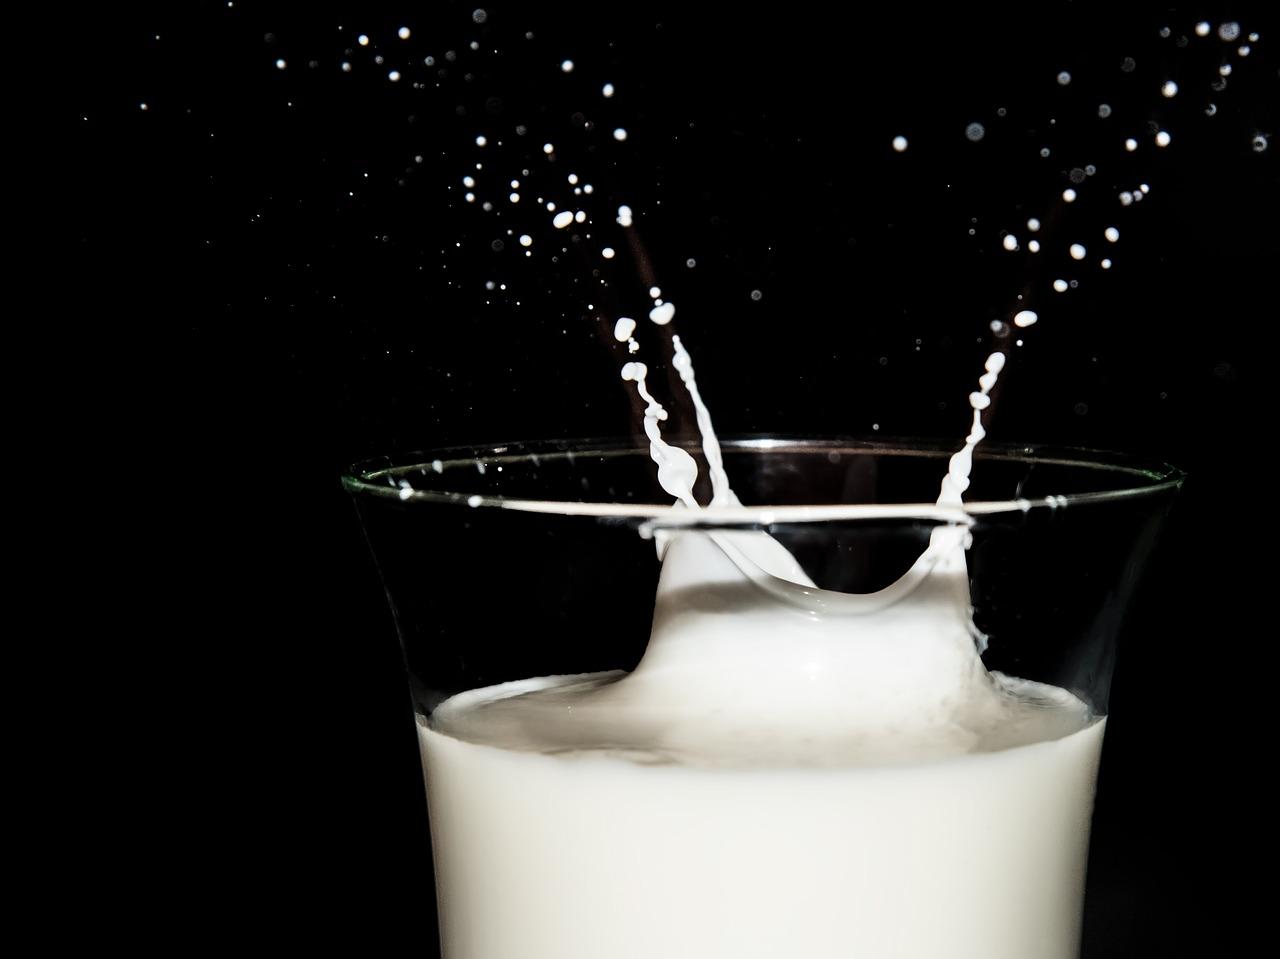 З початку року середній надій на корову на підприємствах зріс на 8,5%